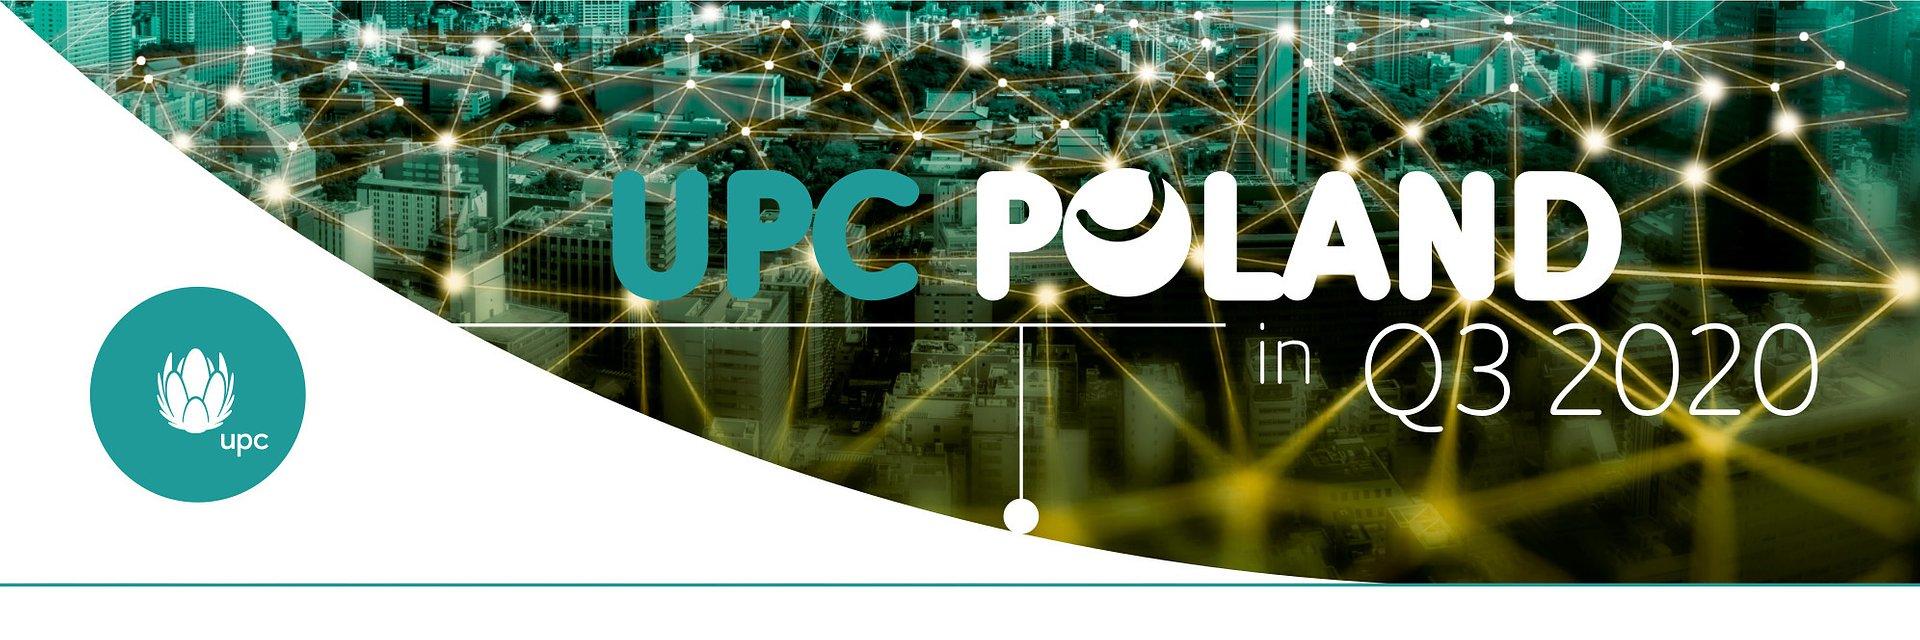 W III kwartale 2020 r. UPC przyspieszyło wzrost, rosnąc tym samym nieprzerwanie od 9 kwartałów i przekraczając próg 1,5 miliona klientów